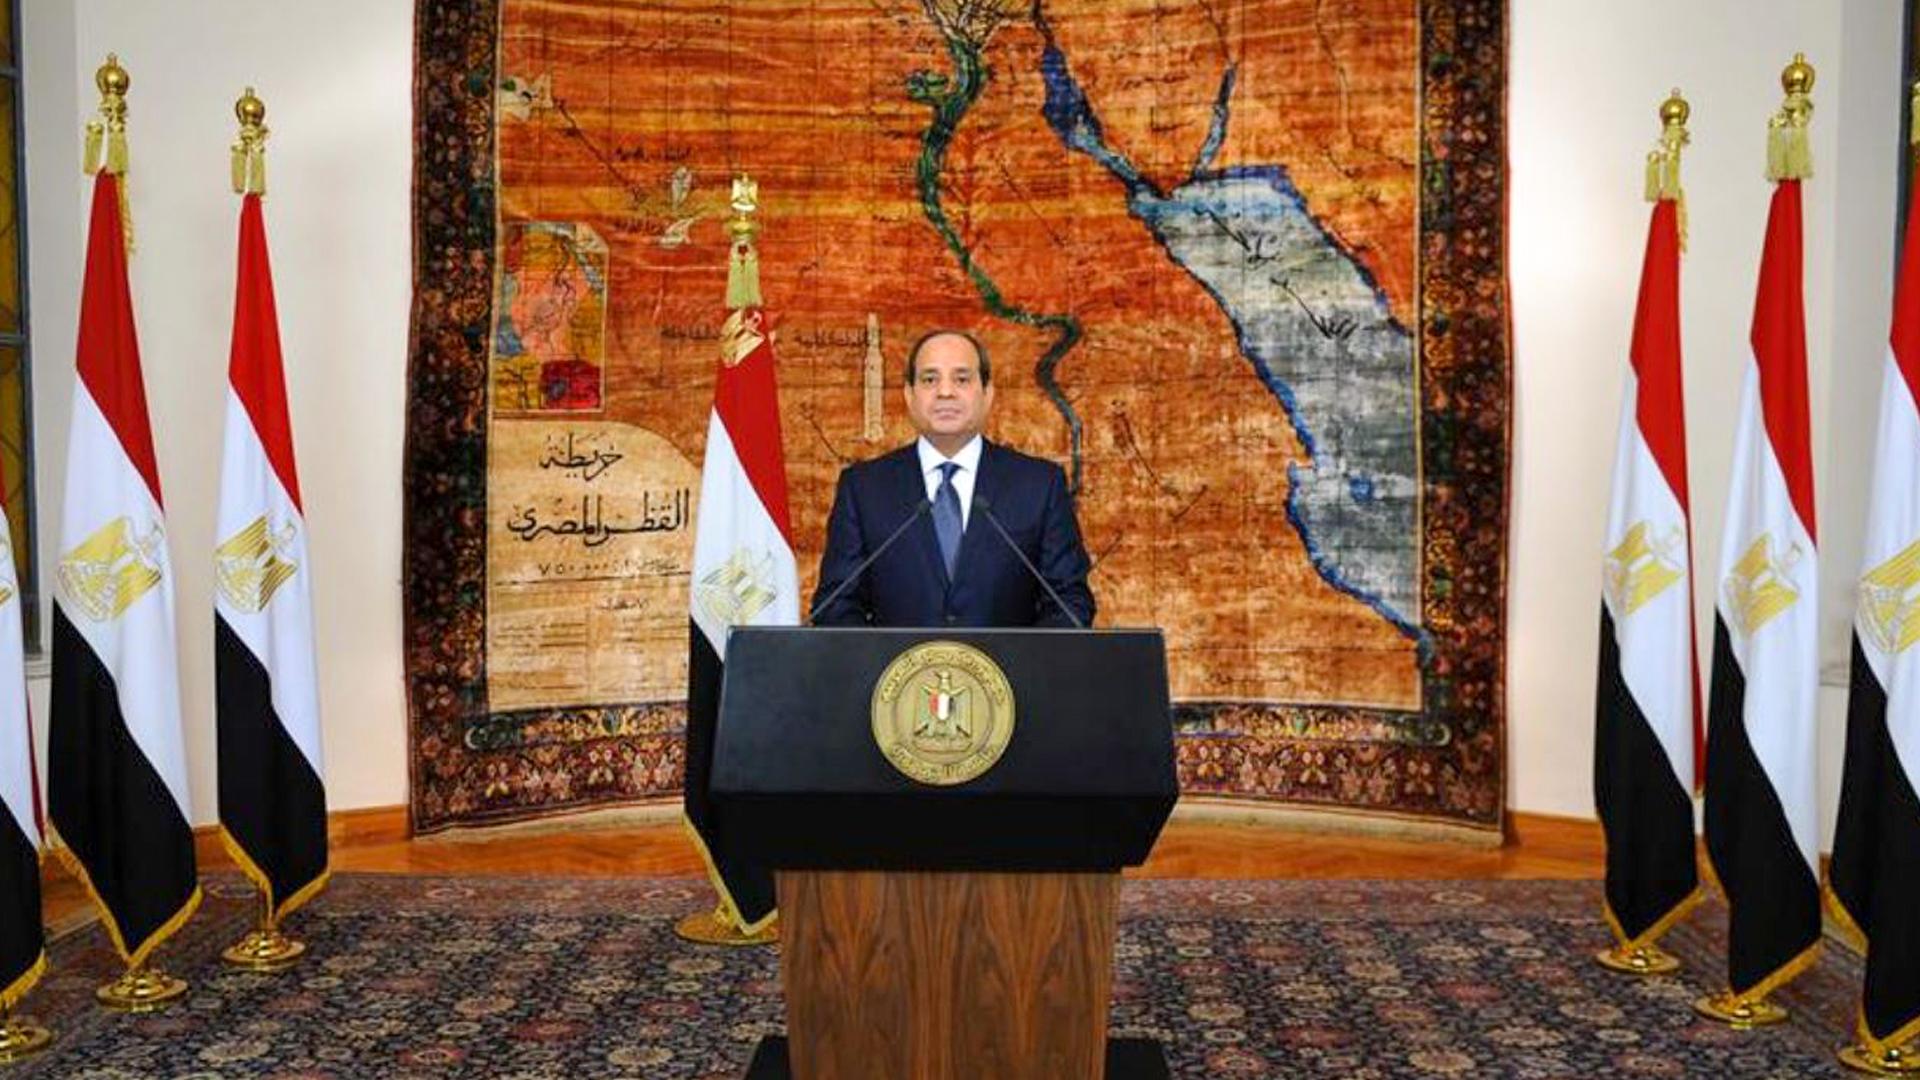 السيسي يؤكد أمن مصر Egypt خط أحمر خلال احتفالية مبادرة حياة كريمة من استاد القاهرة